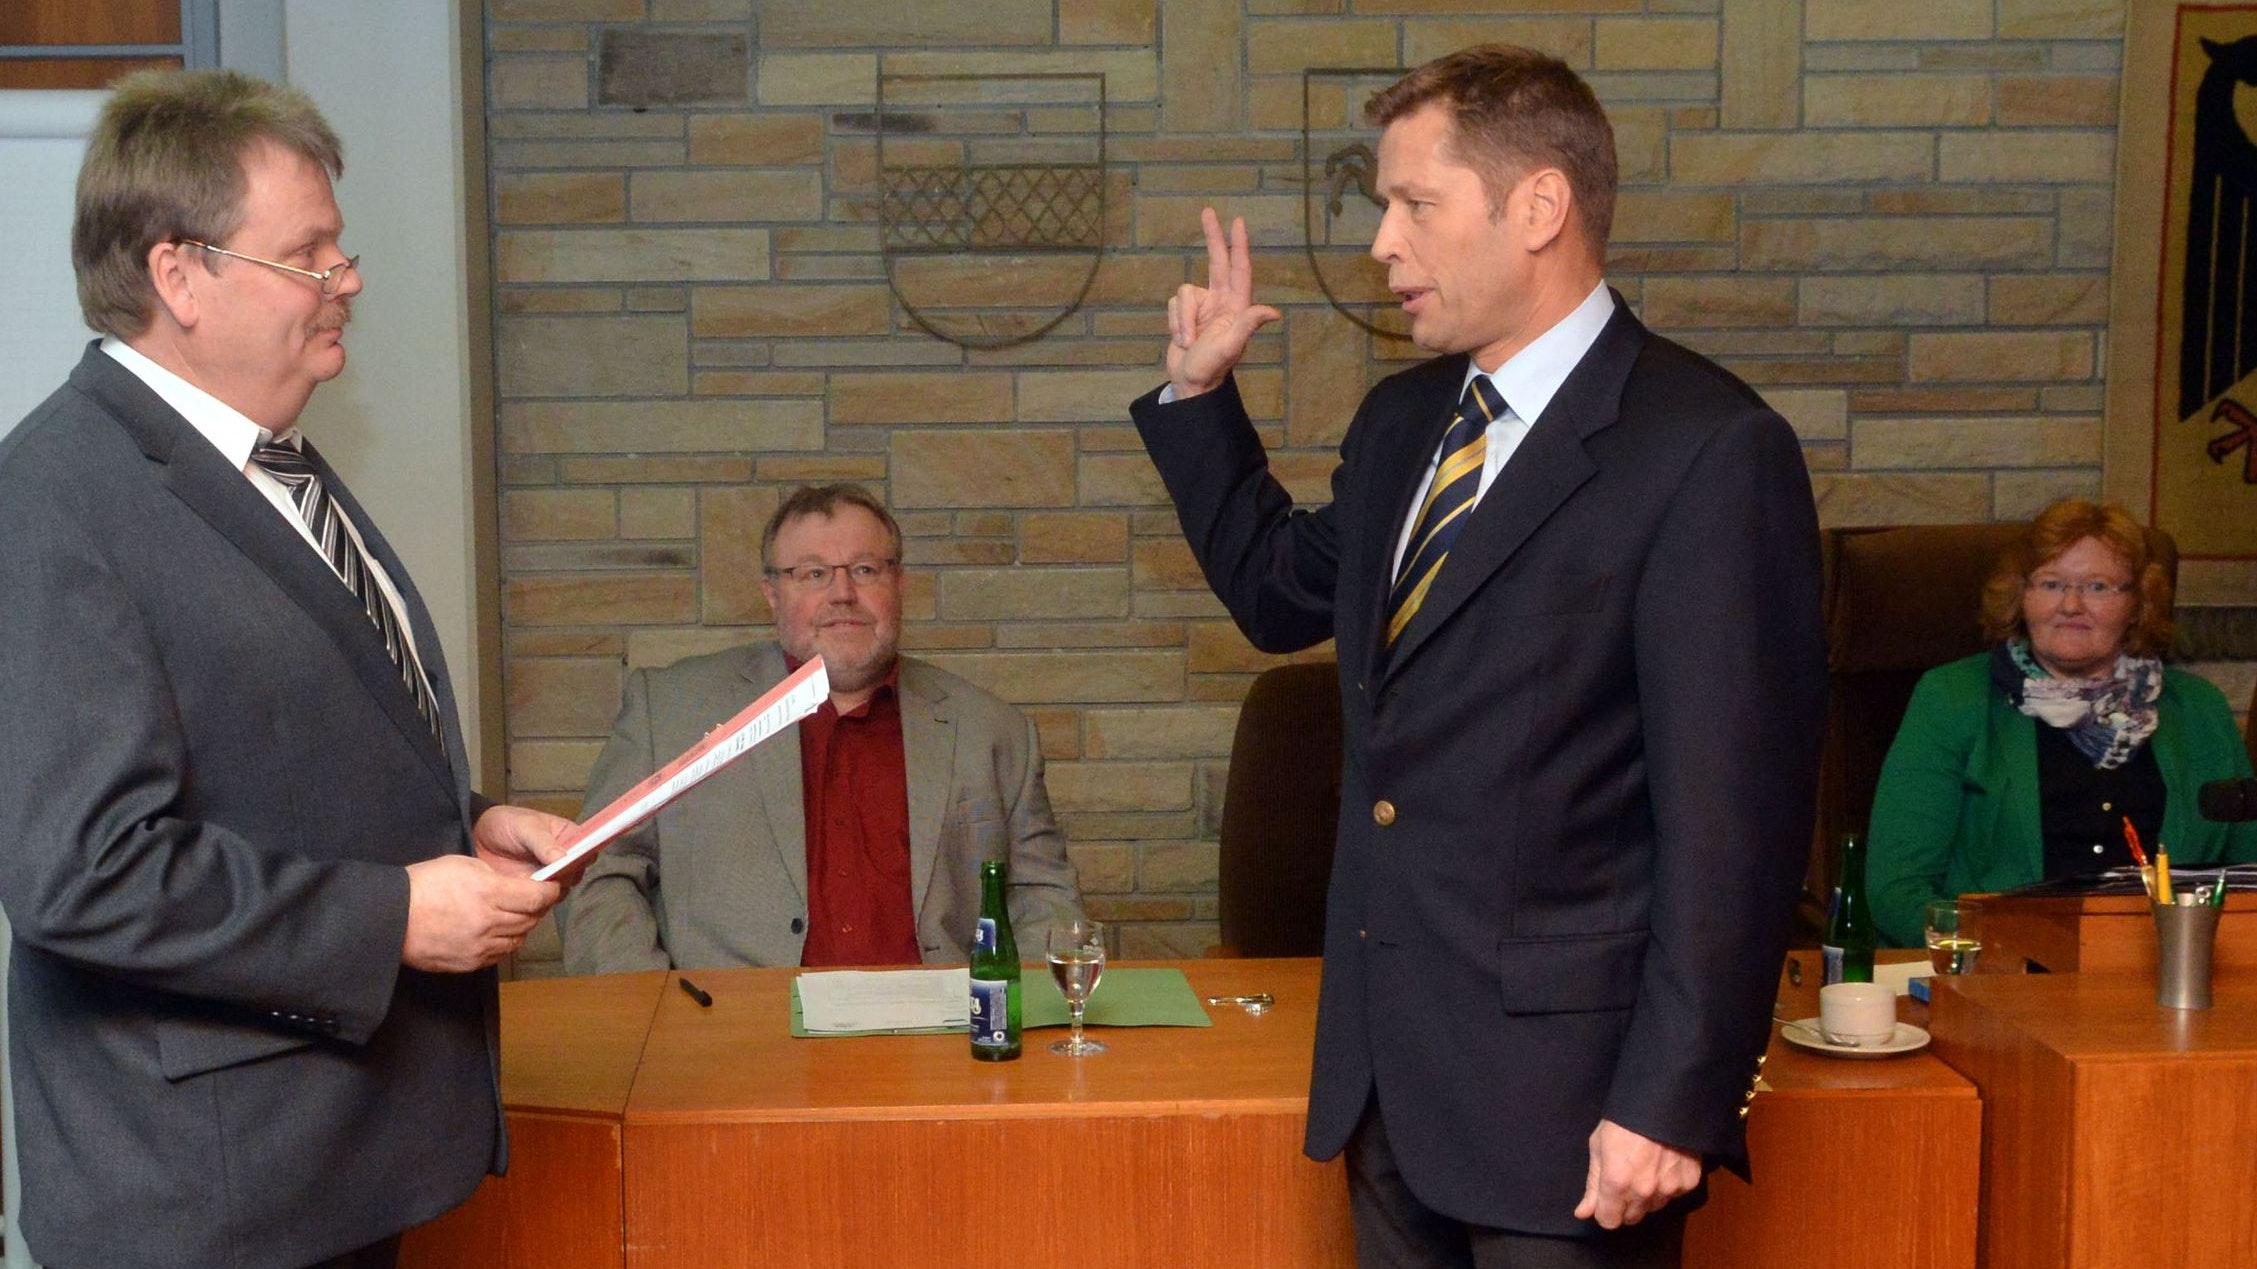 Vor 7 Jahren wurde Marcus Willen als Bürgermeister vereidigt. Er wird sich am 12. September erneut zur Wahl stellen. Foto: Siemer